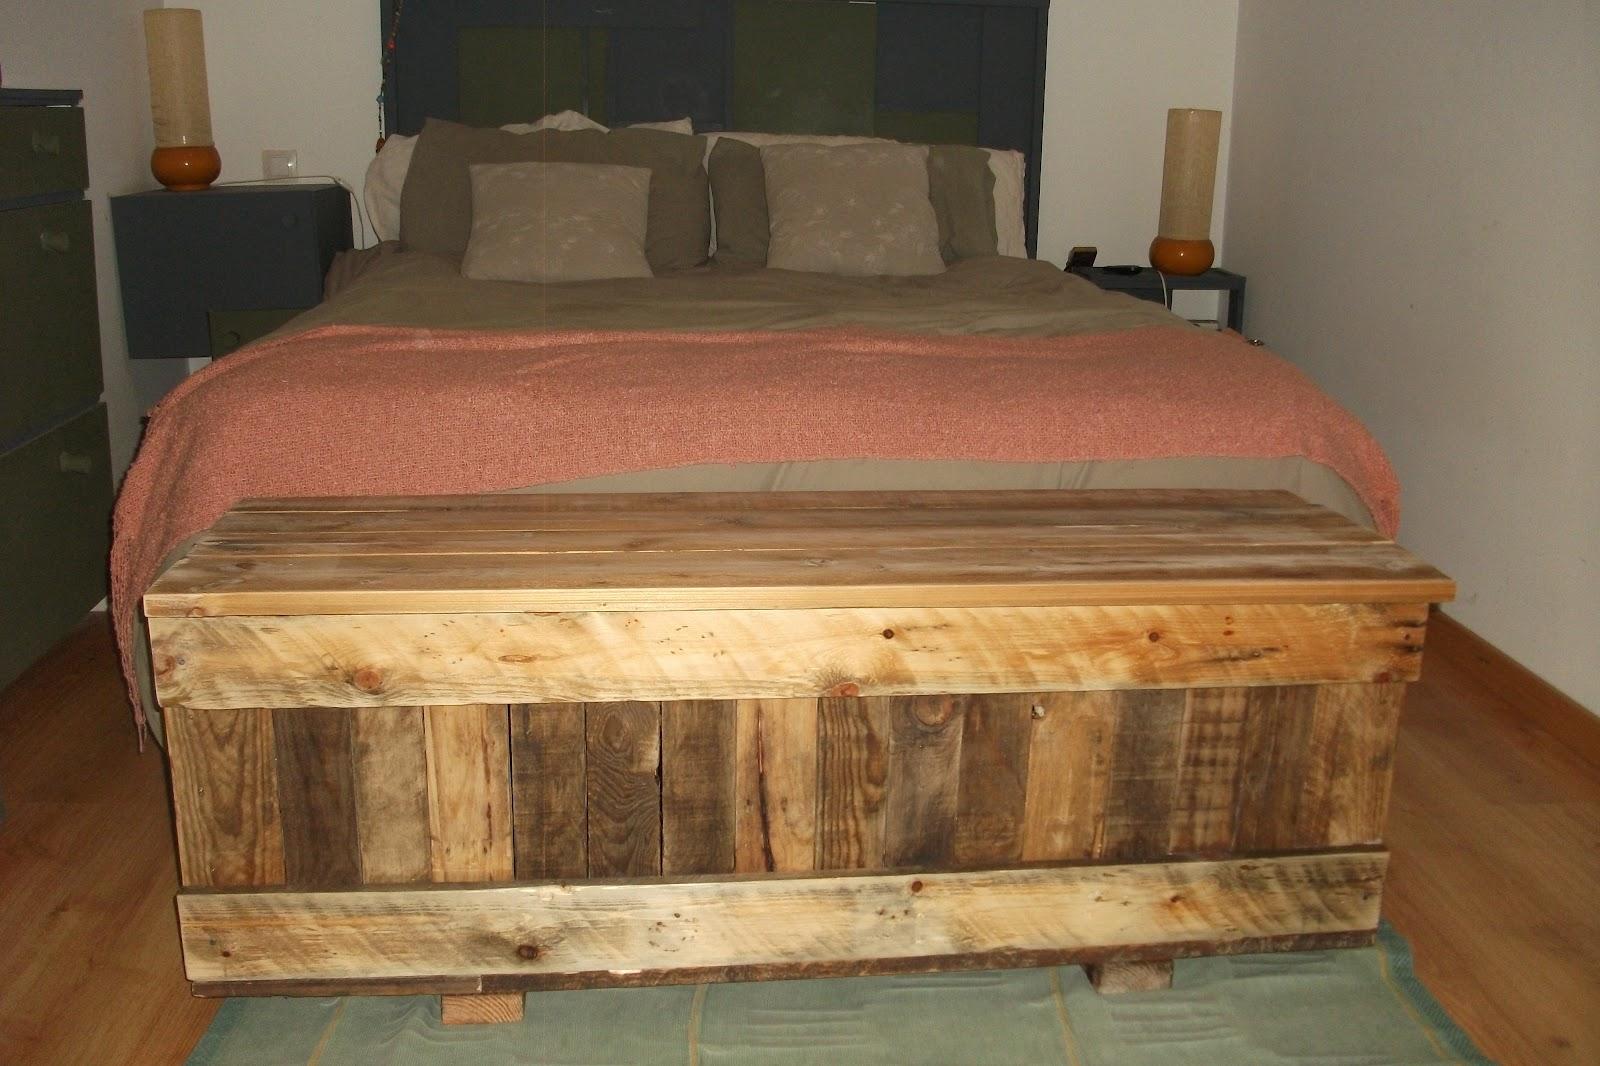 Muebles hechos con palets fotos - Muebles hechos con palets de madera ...